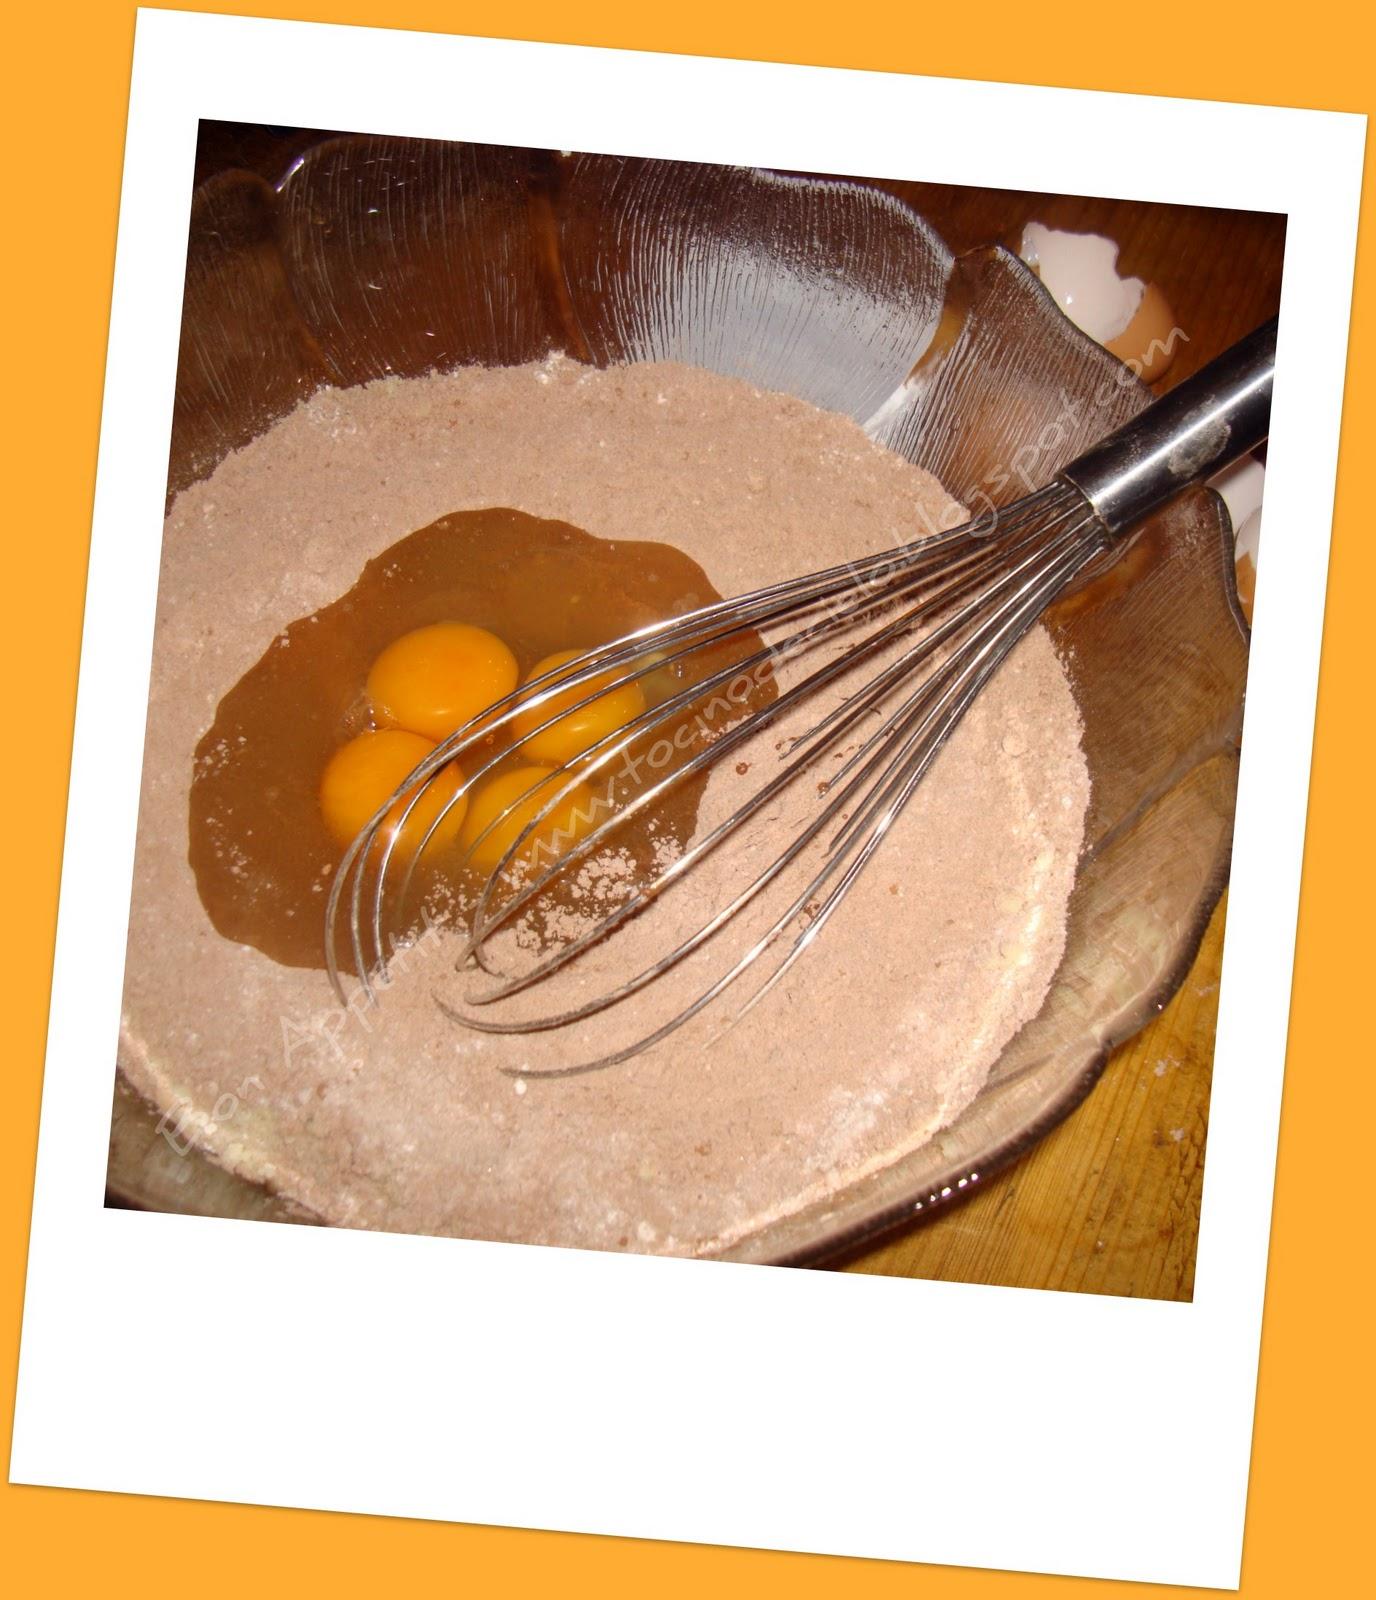 Bon appetit charlotte de cr pes au cacao la mousse au - Laisser reposer pate a crepe ...